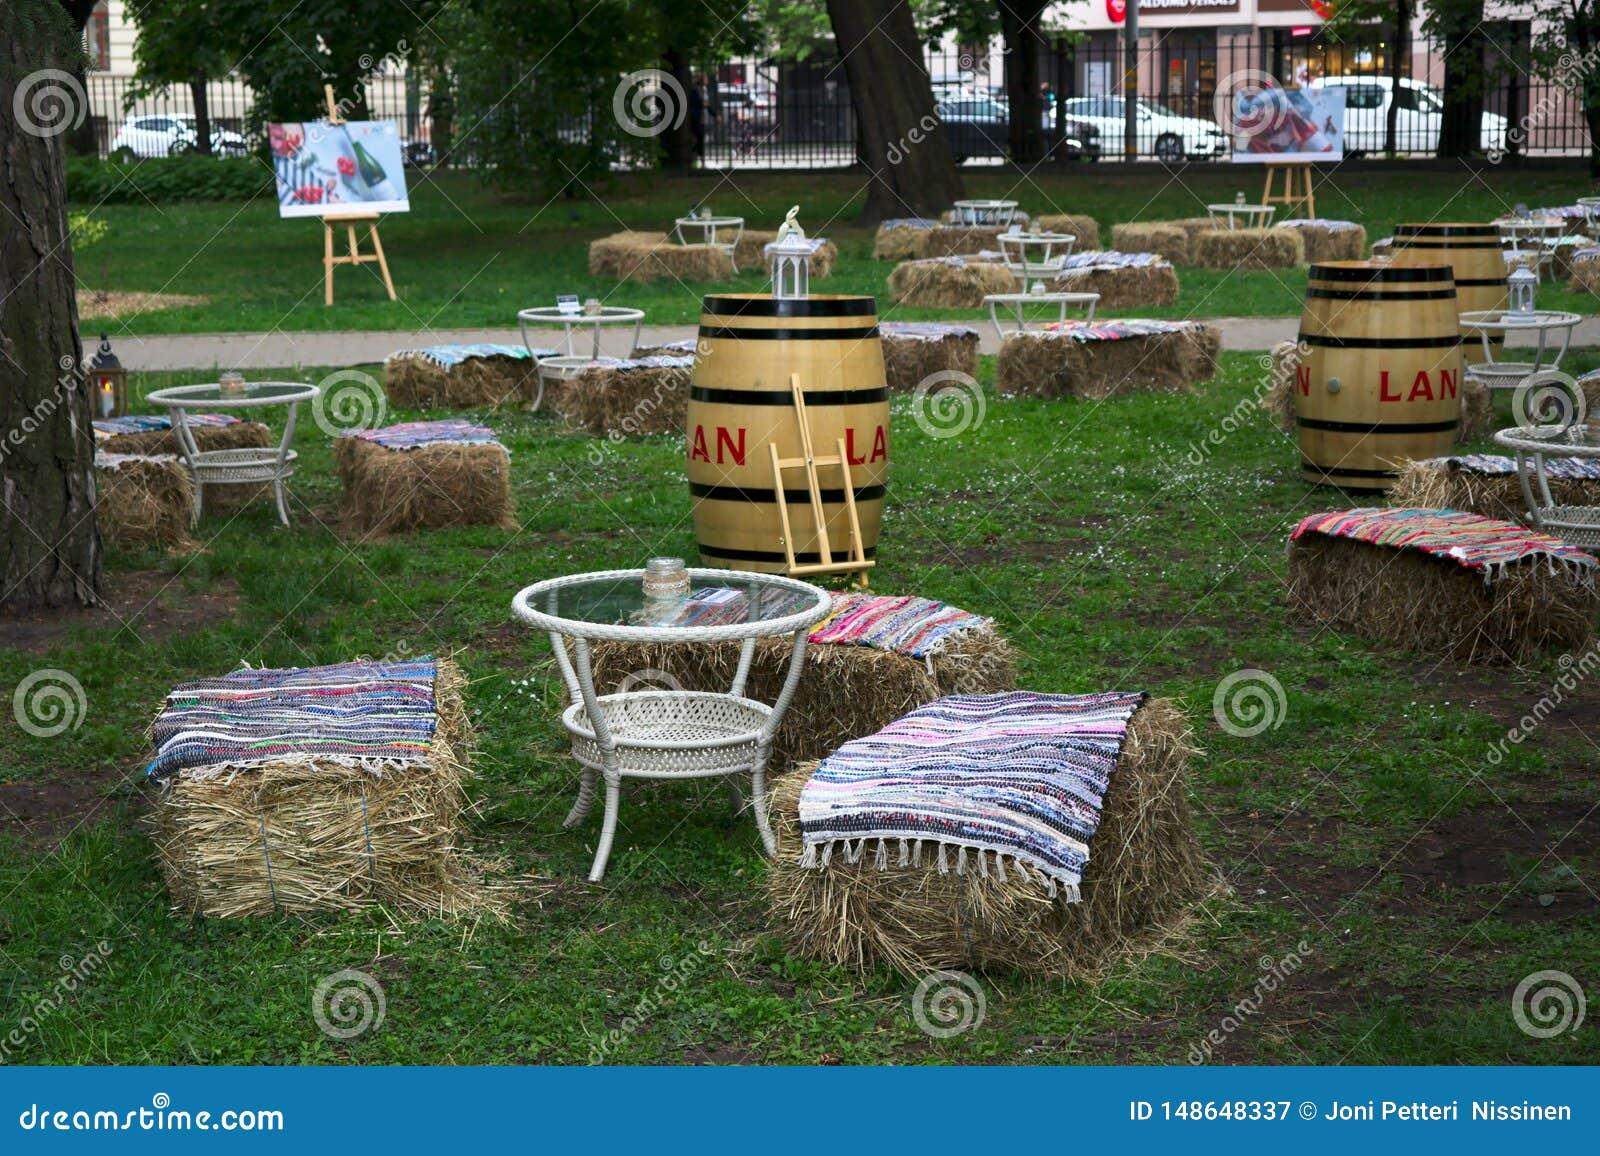 Riga, Latvia - May 24 2019: Cozy looking terrace to enjoy drinks in park